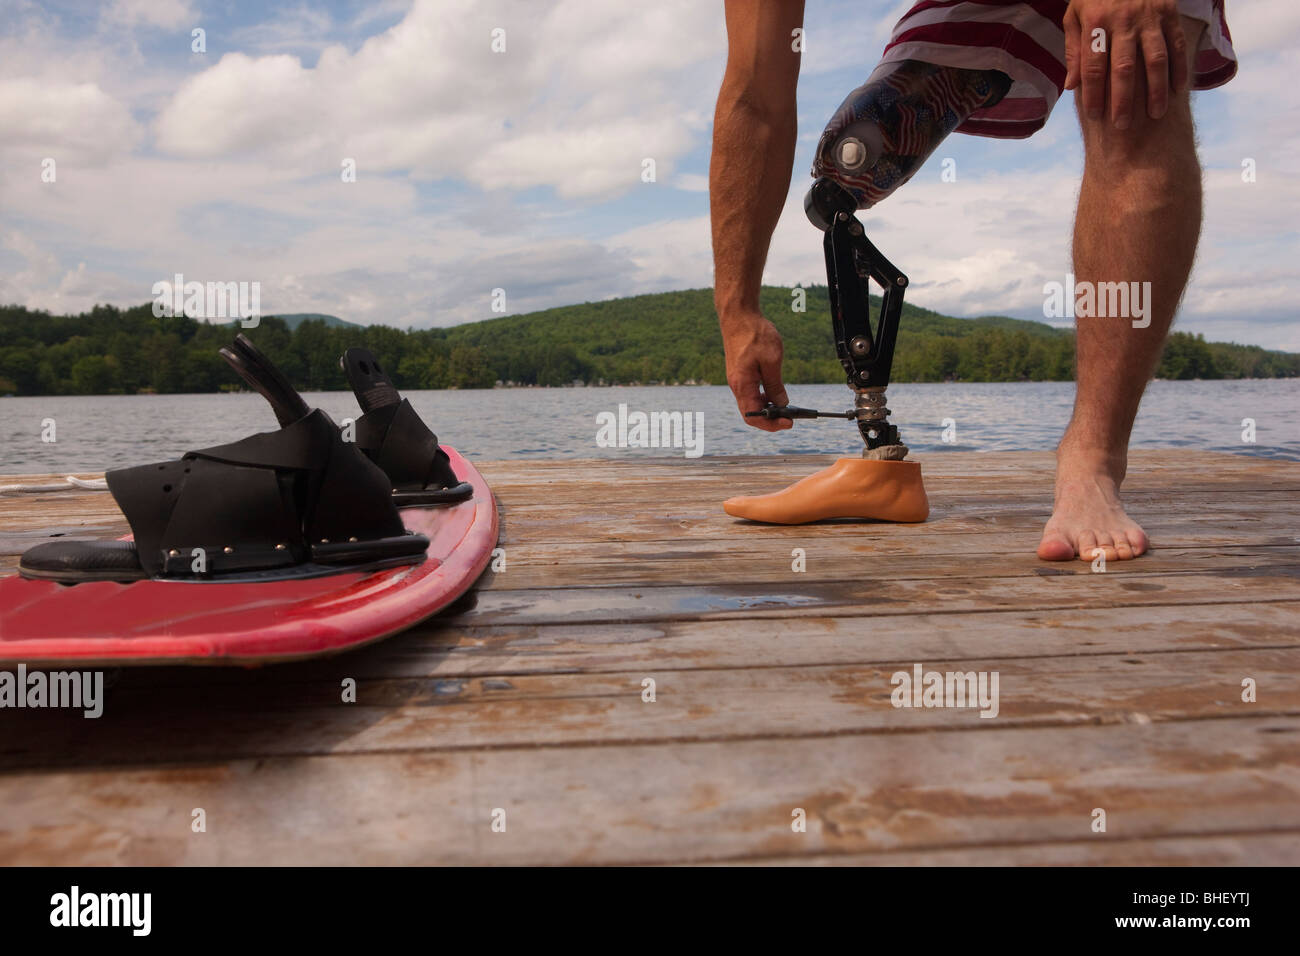 Réglage de l'athlète handicapé sa jambe artificielle sur un quai Photo Stock